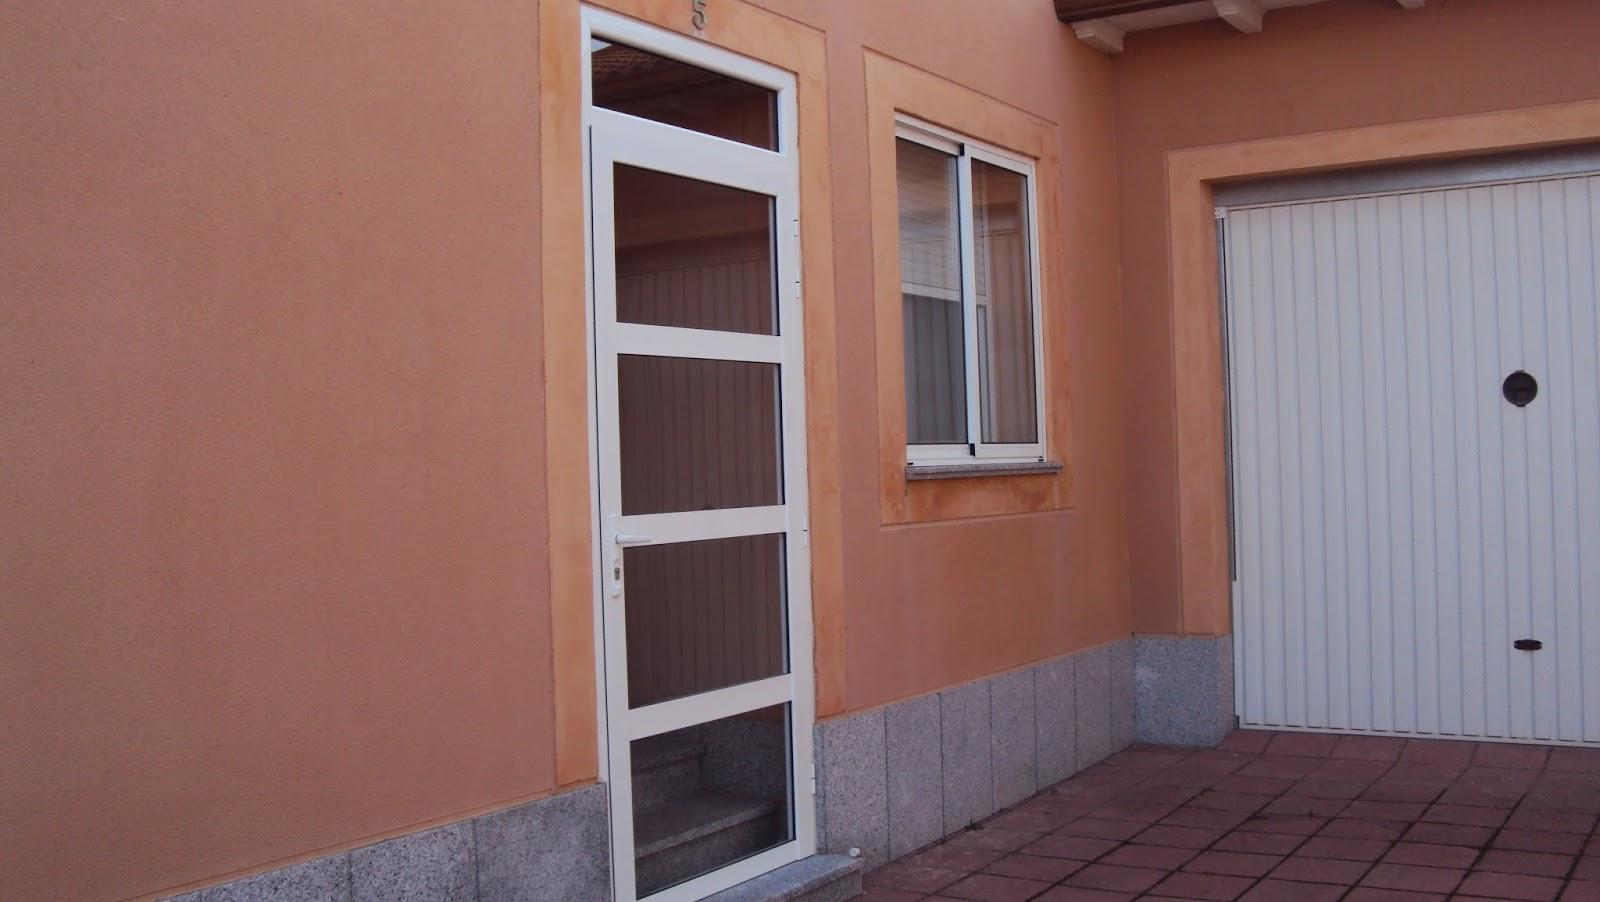 Puertas de aluminio para terrazas ventanas puertas y - Puertas de aluminio para terrazas ...